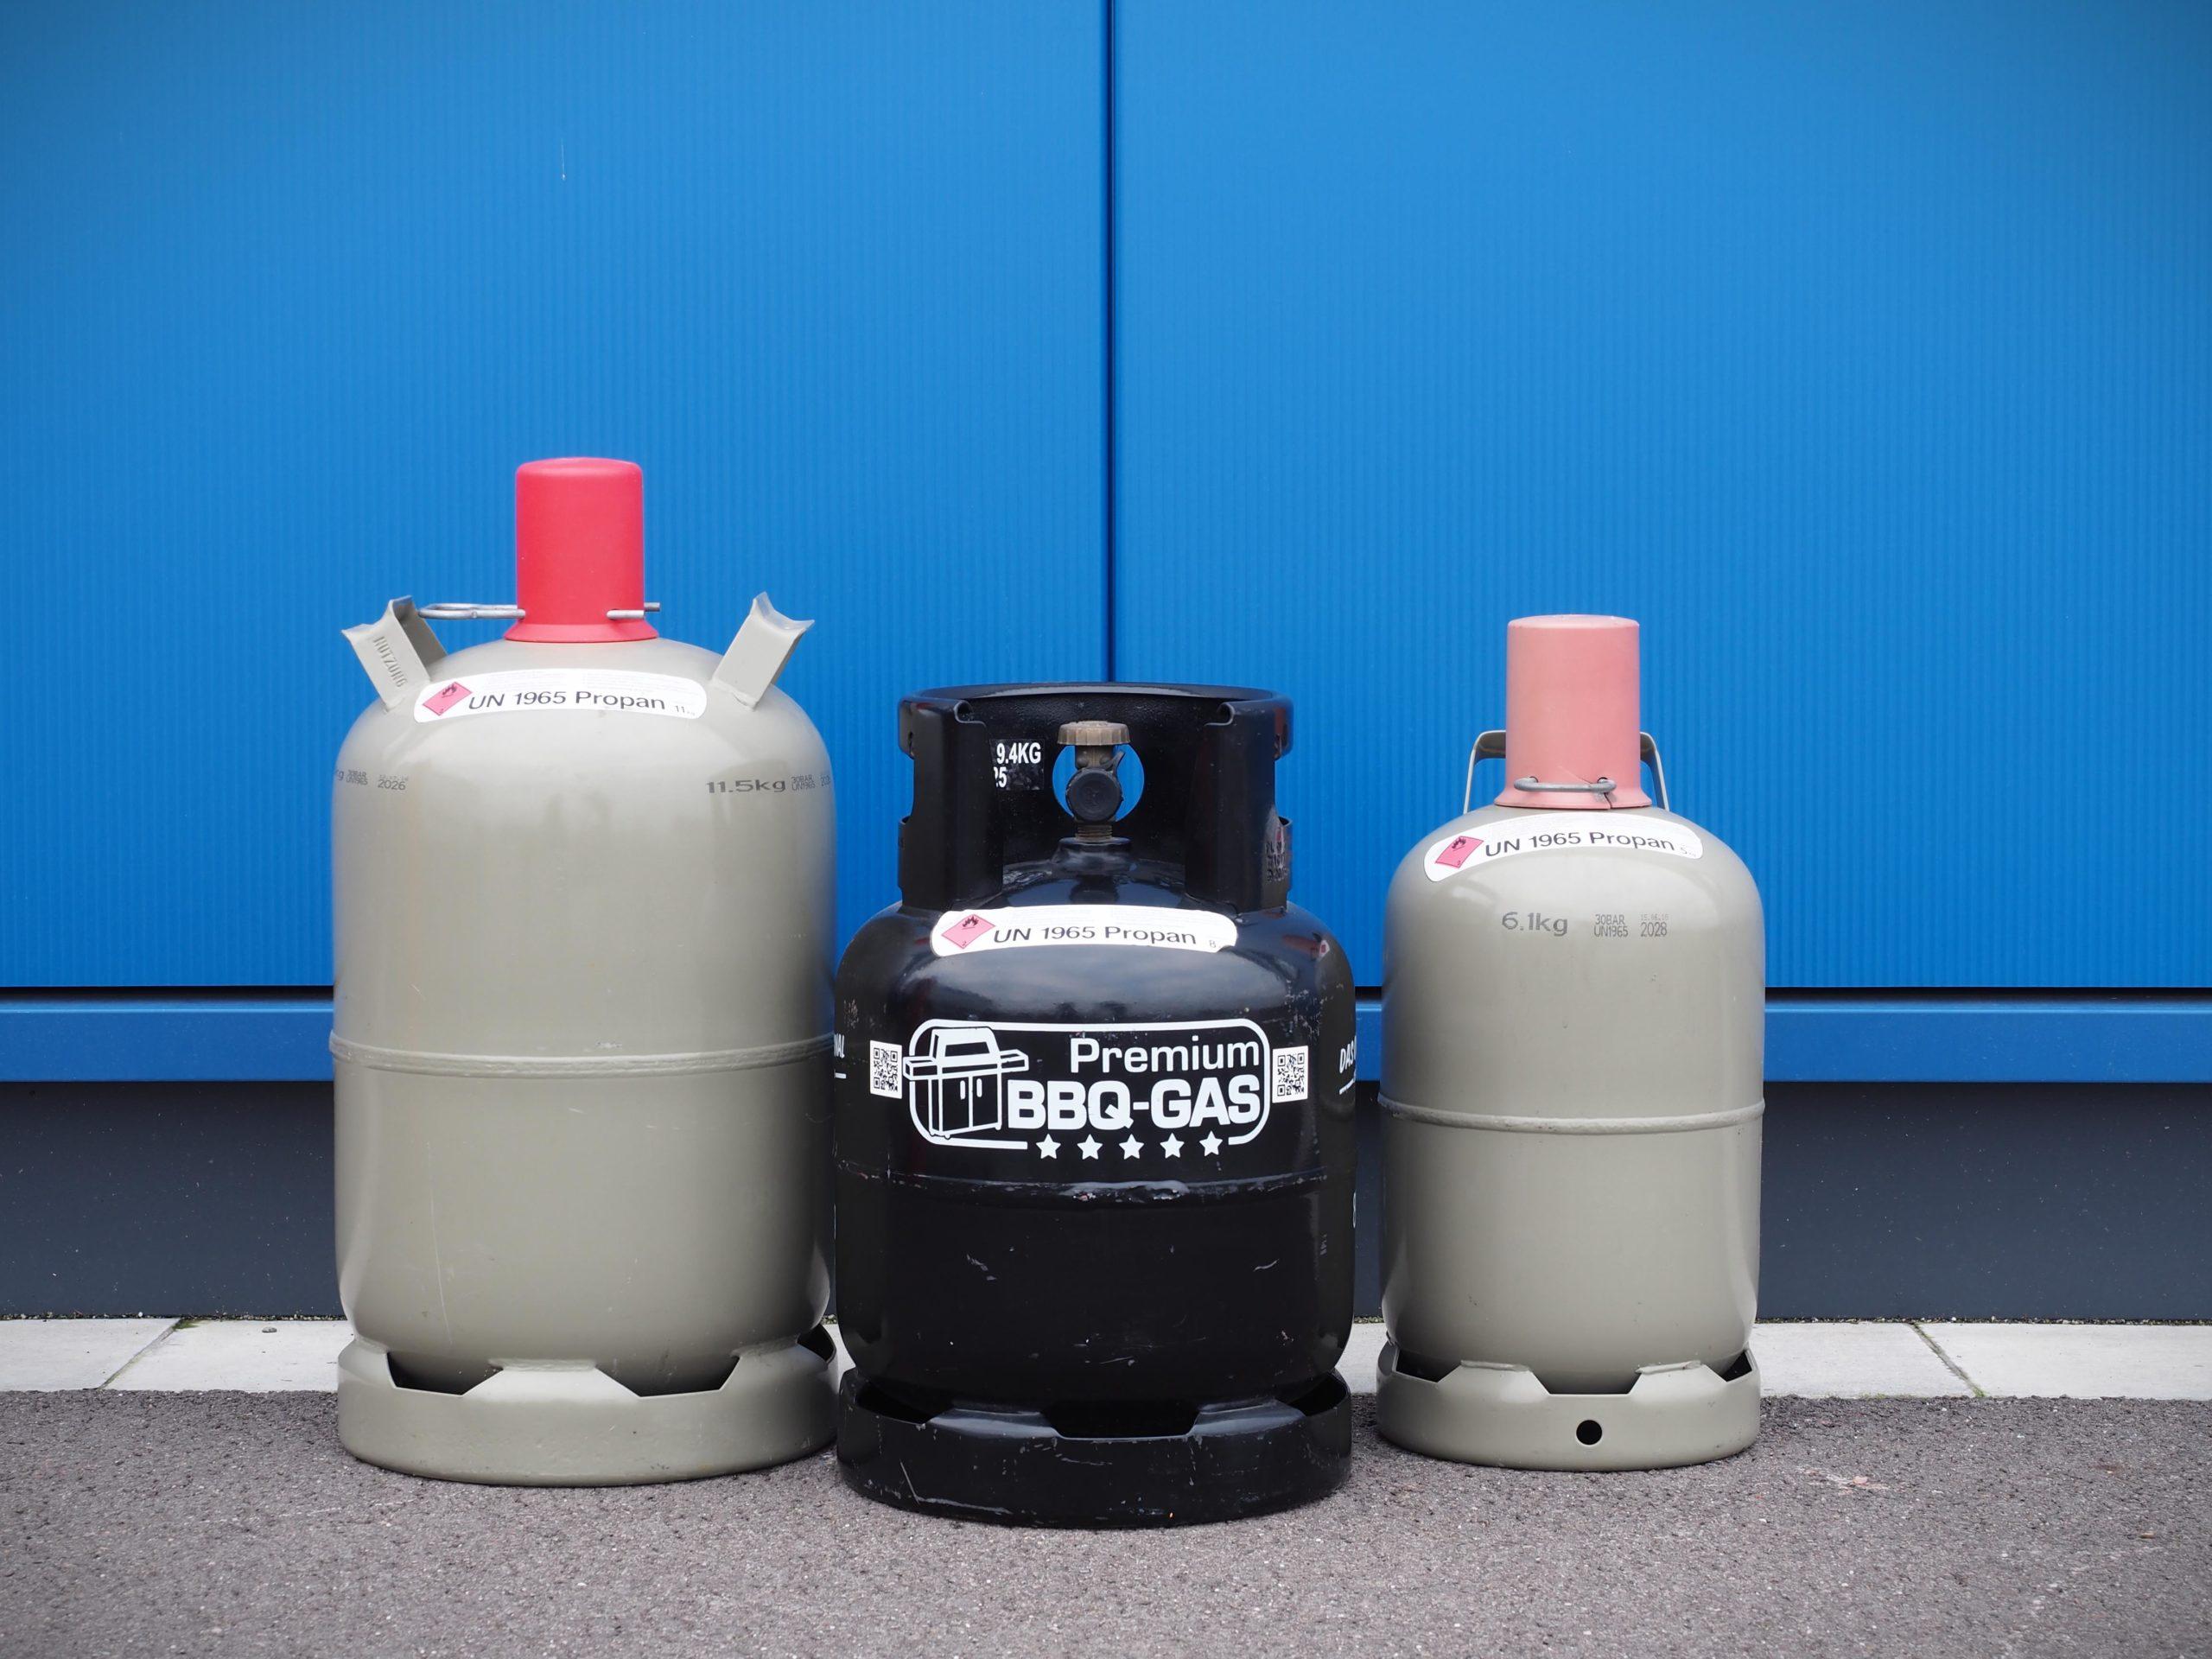 kks-kohlensäure-und-trockeneis-grillgas-nutzungsflaschen-übersicht